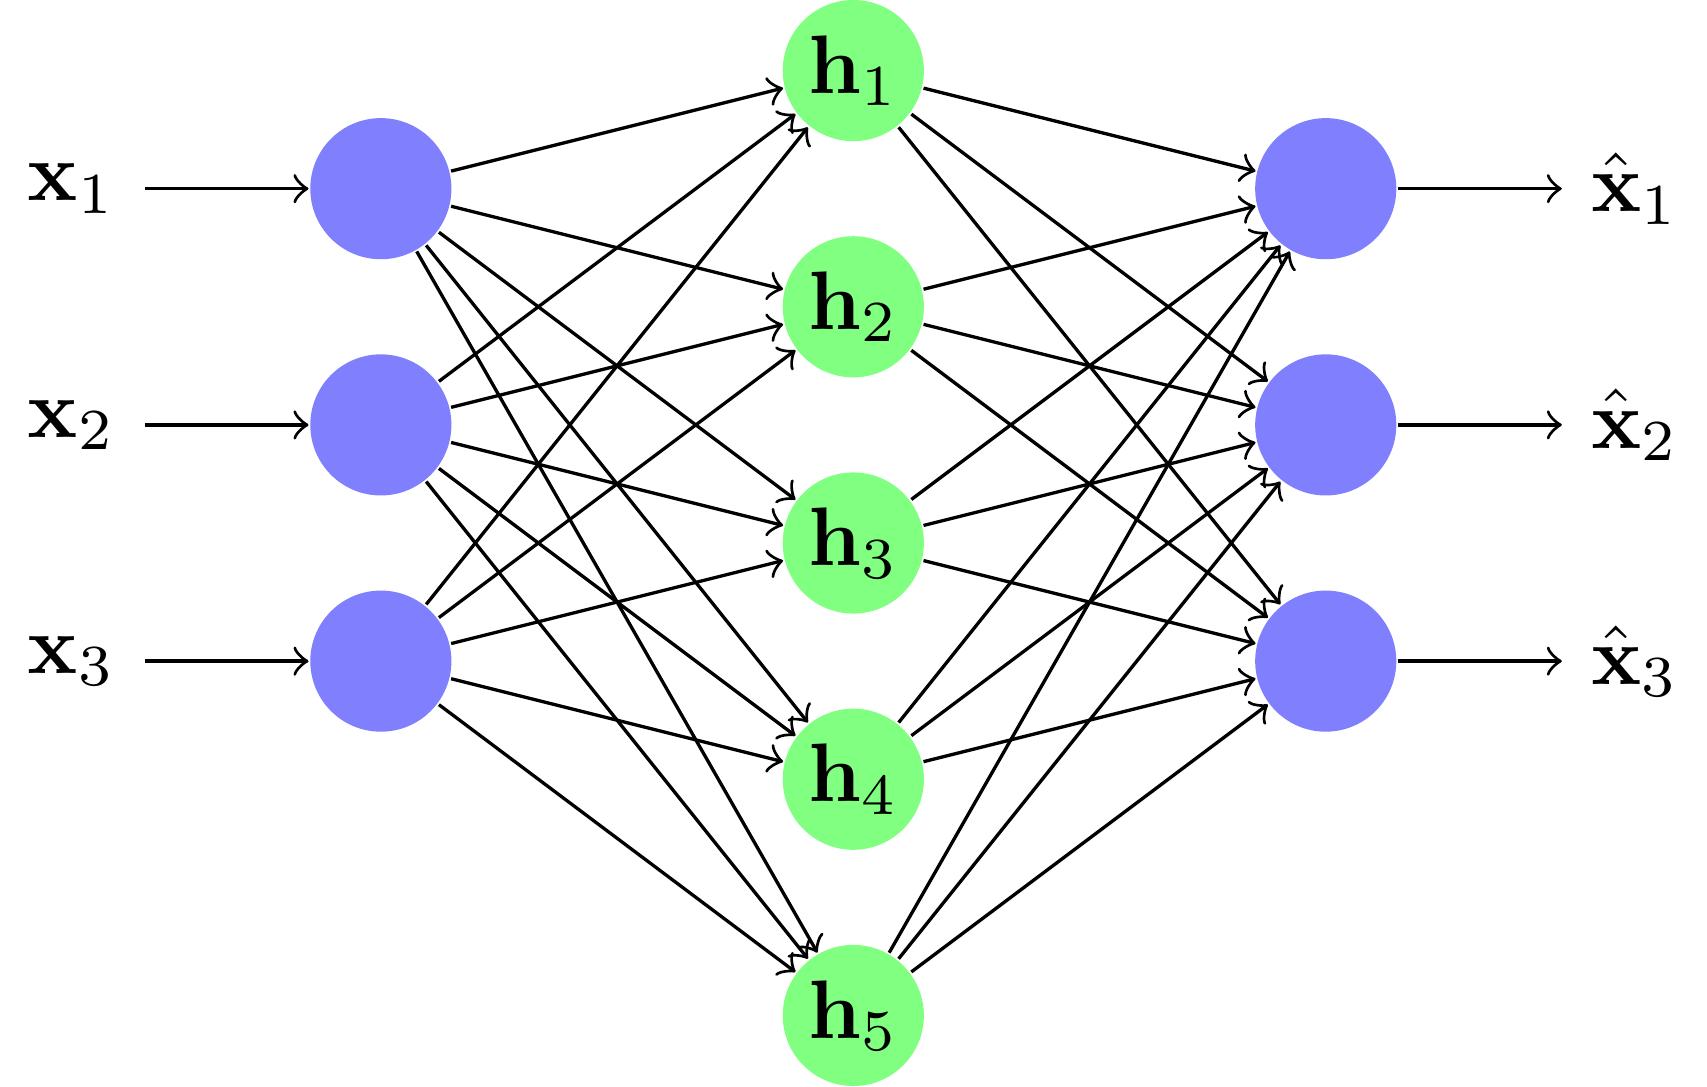 Un exemple de réseau over-complete